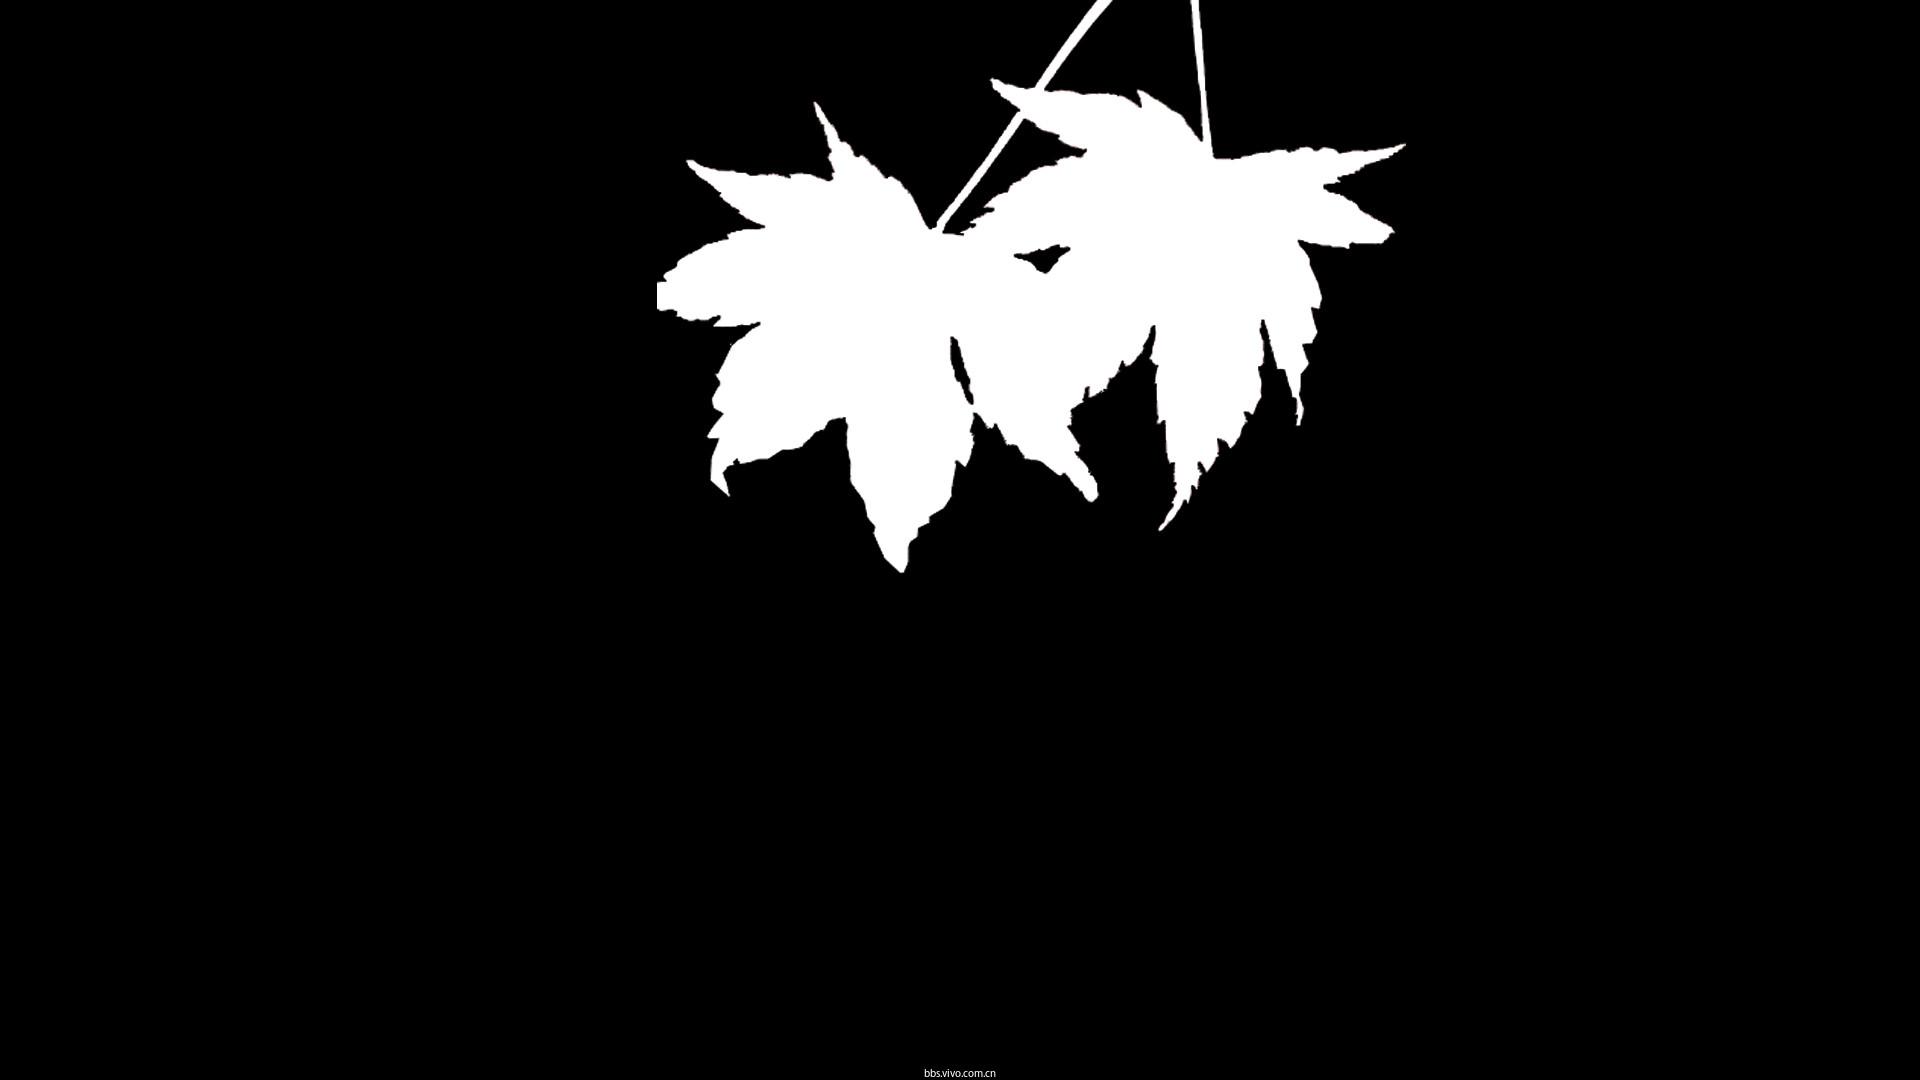 【v粉主题素材壁纸】枫叶剪影壁纸